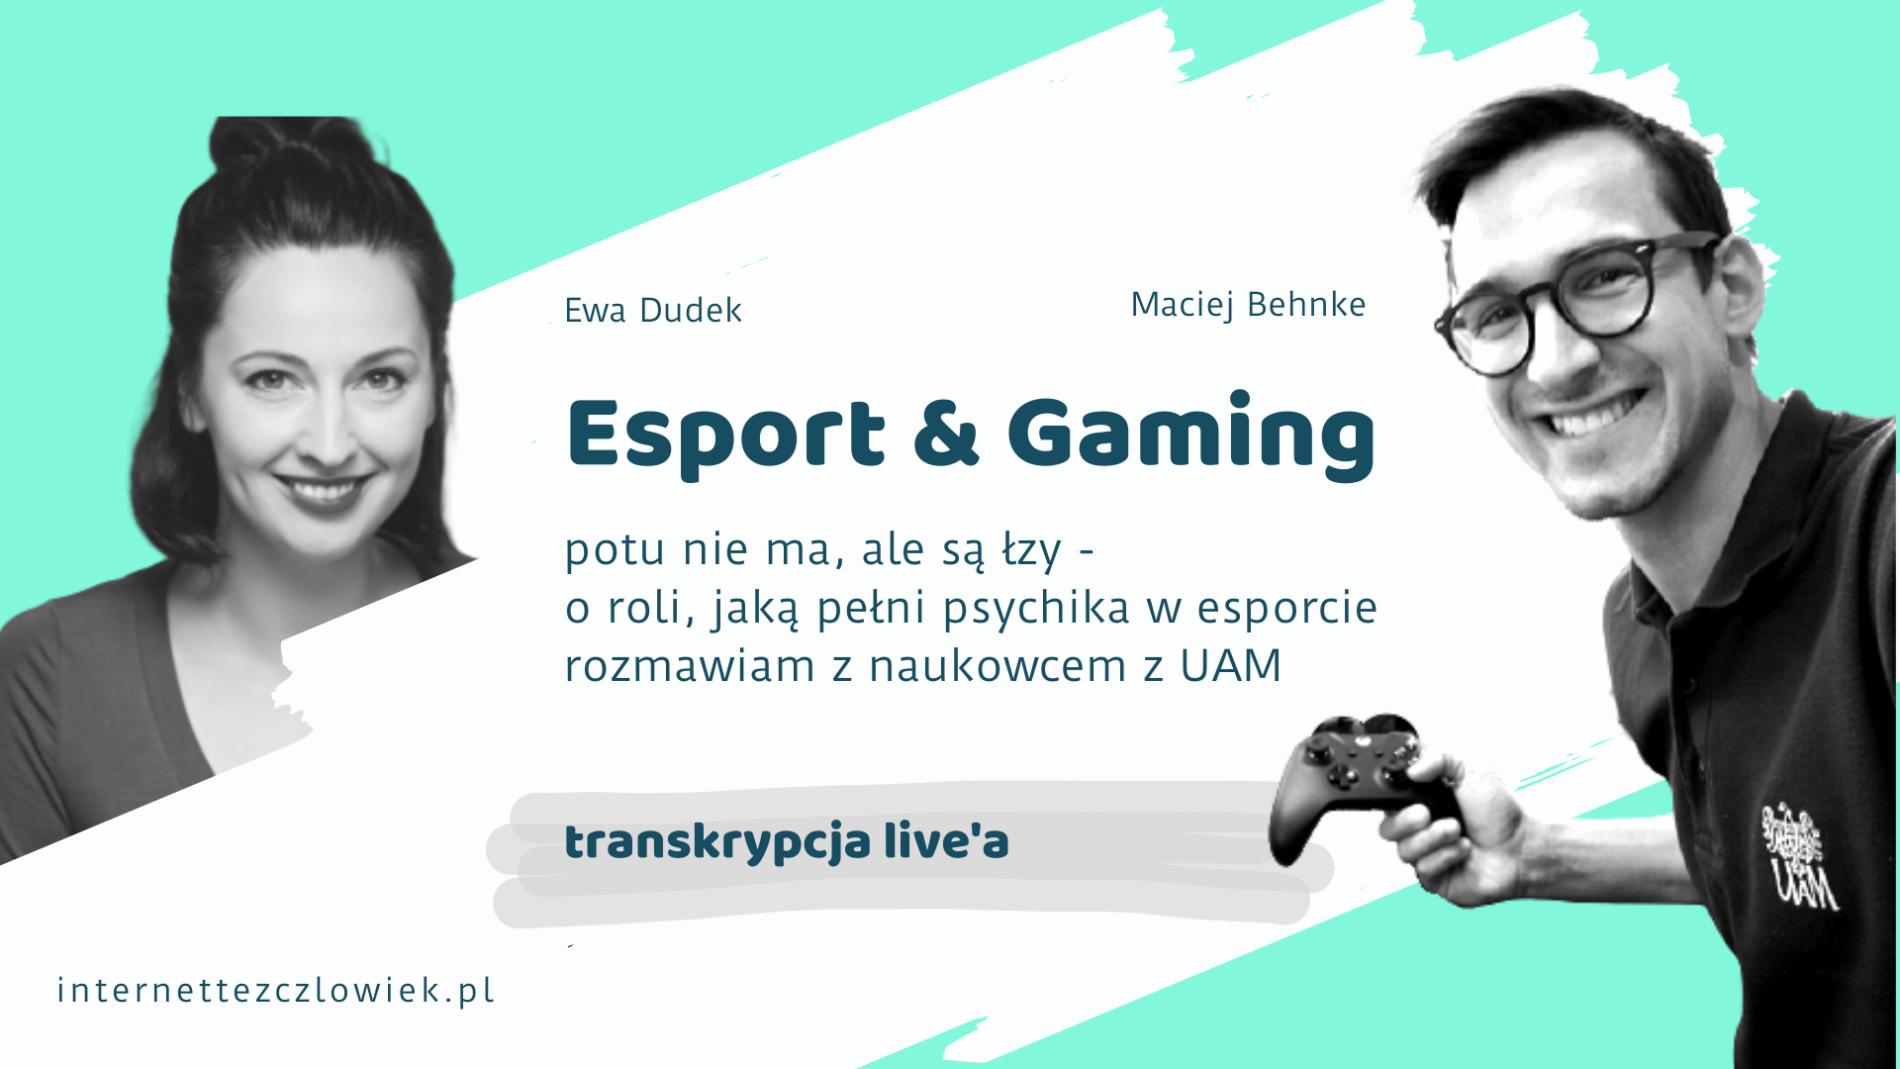 esport i gaming psychika w esporciewywiad zdjęcie Ewy Dudek i Macieja Behnke